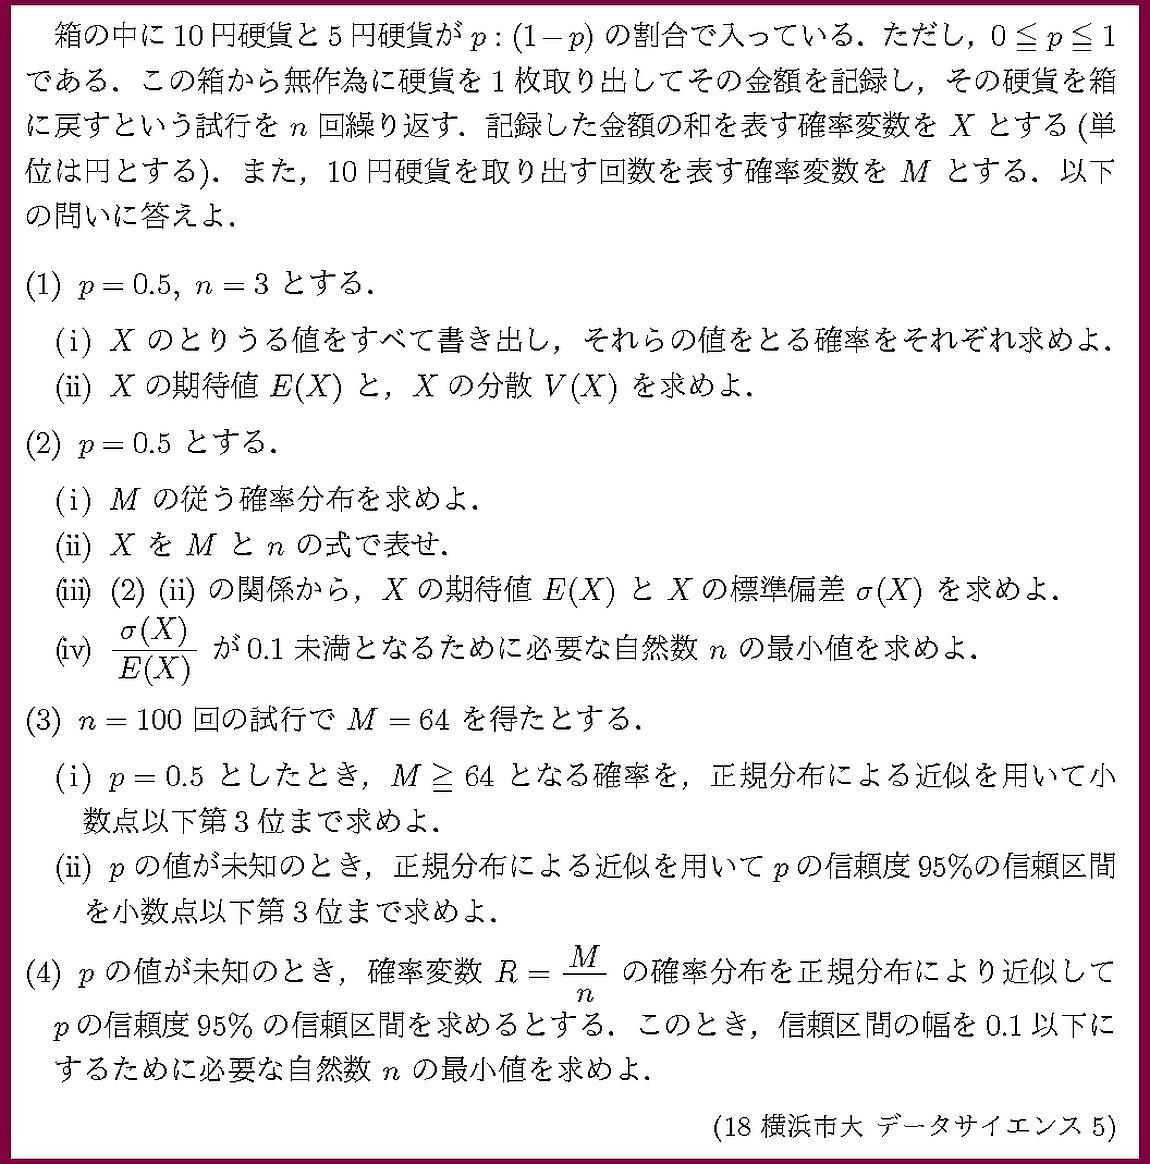 18横浜市大・データサイエンス5